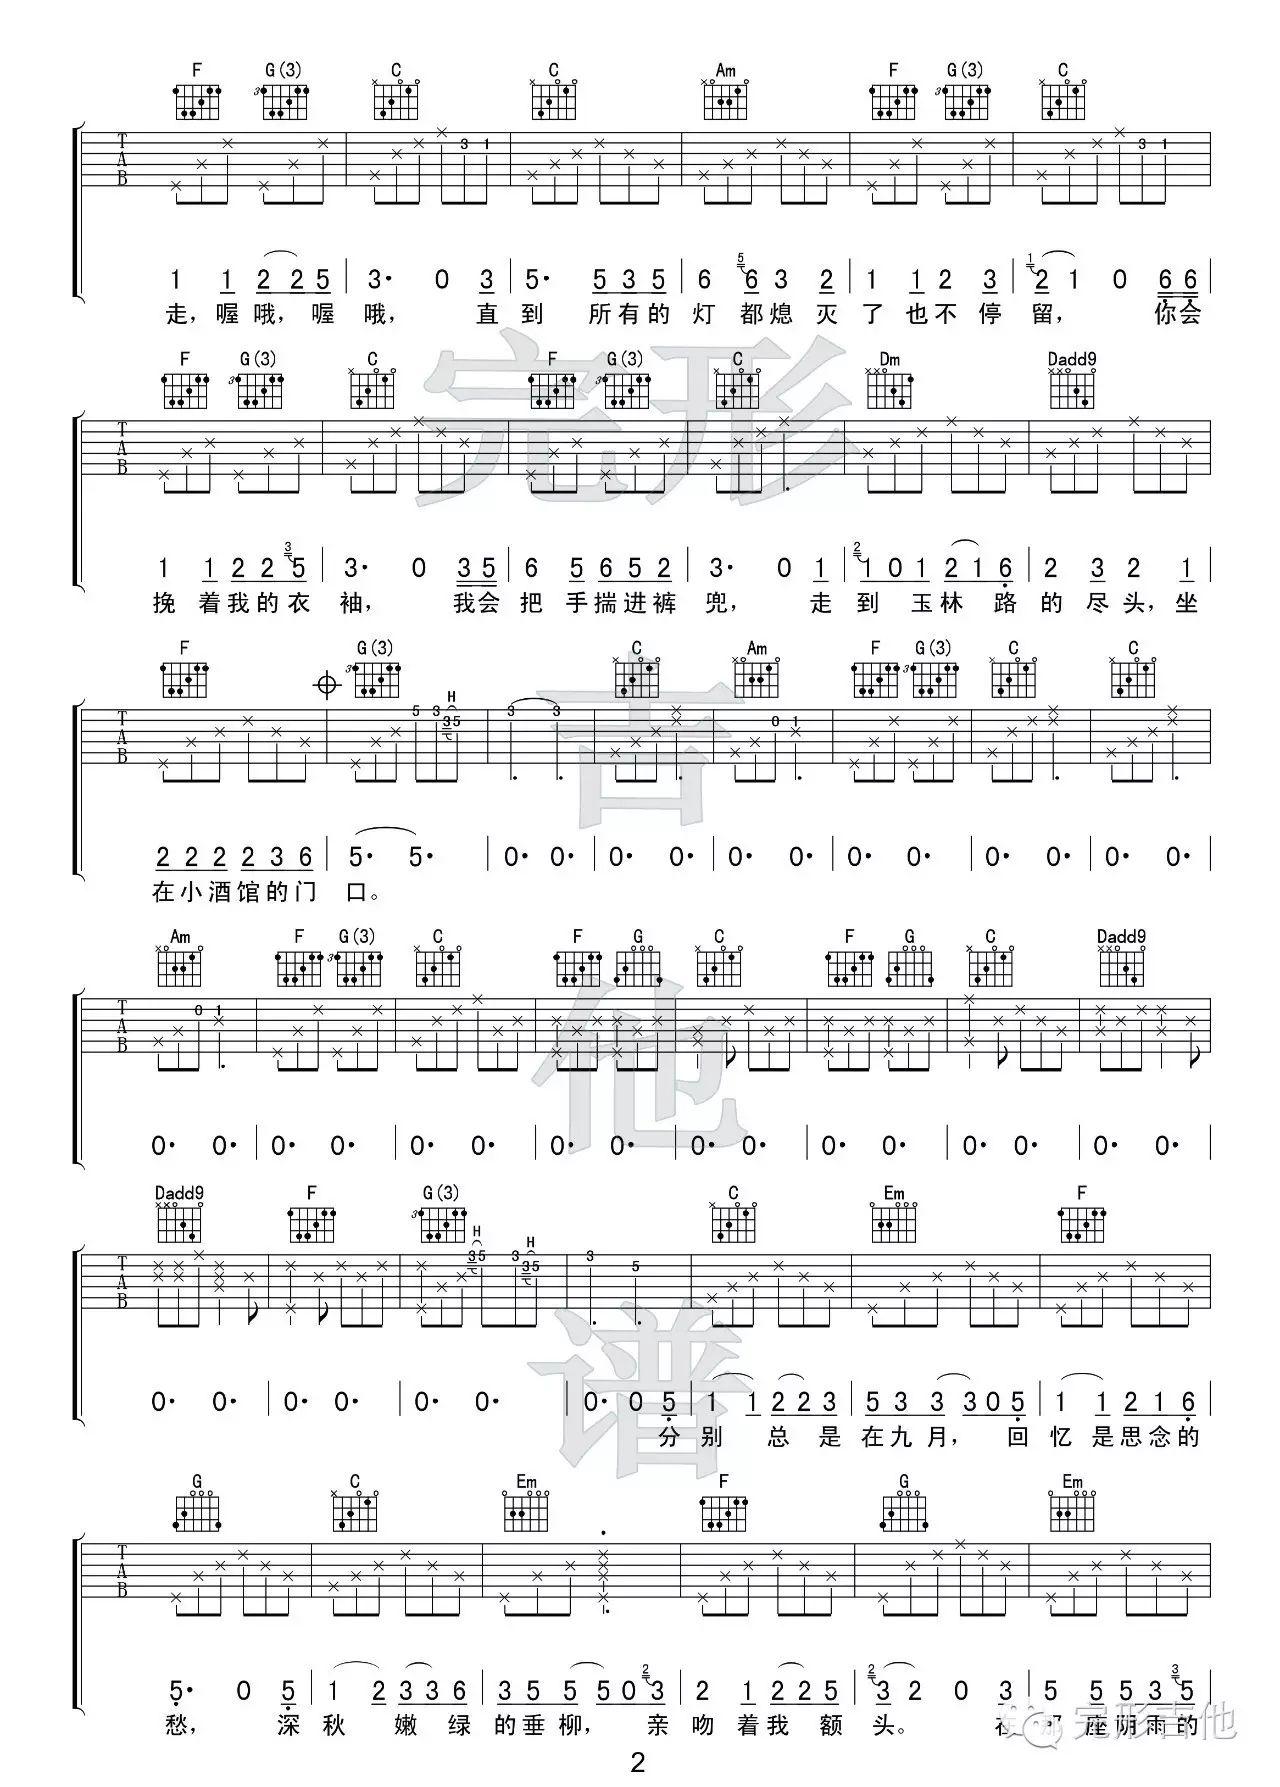 吉他派-《成都》吉他谱-2